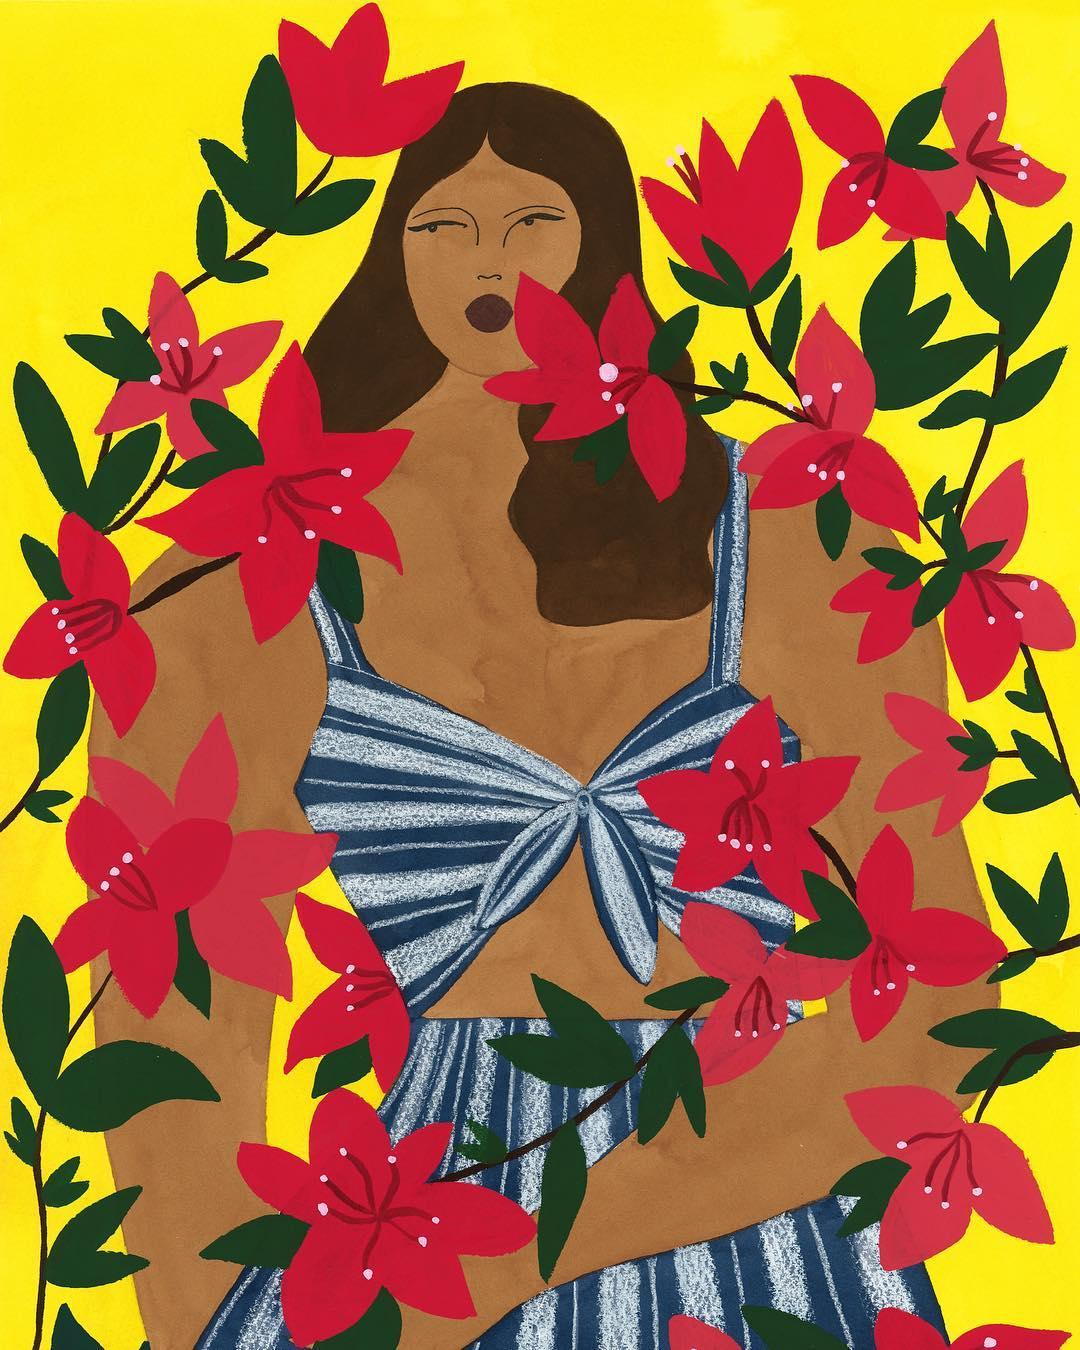 Le illustrazioni esotiche diIsabelle Feliu- tra Matisse e Gauguin | Collater.al 1